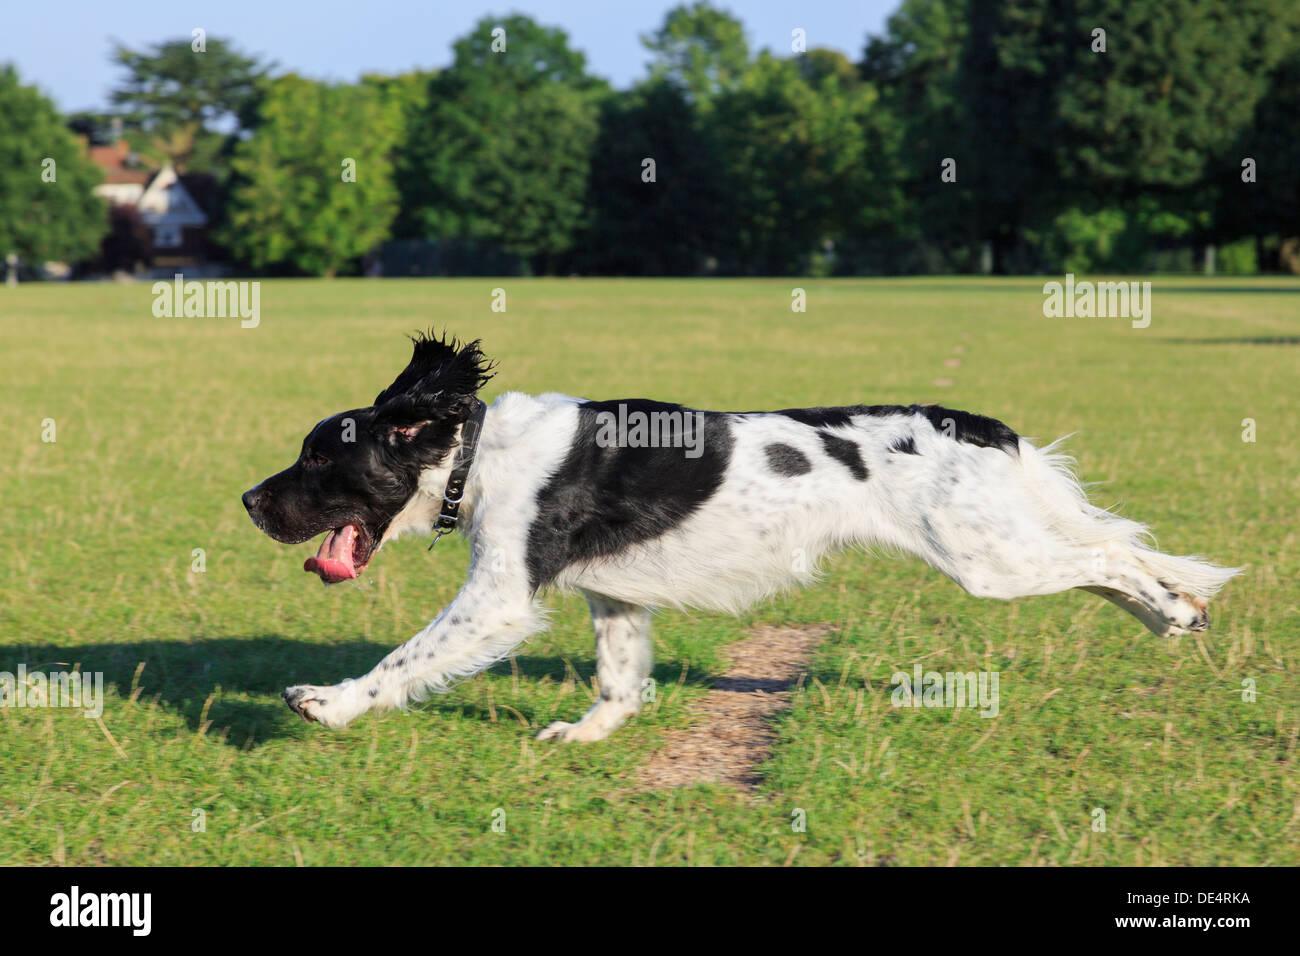 Una razza in bianco e nero English Springer Spaniel cane corre veloce a caccia di una palla fuori da sola in un parco. Inghilterra, Regno Unito, Gran Bretagna Immagini Stock